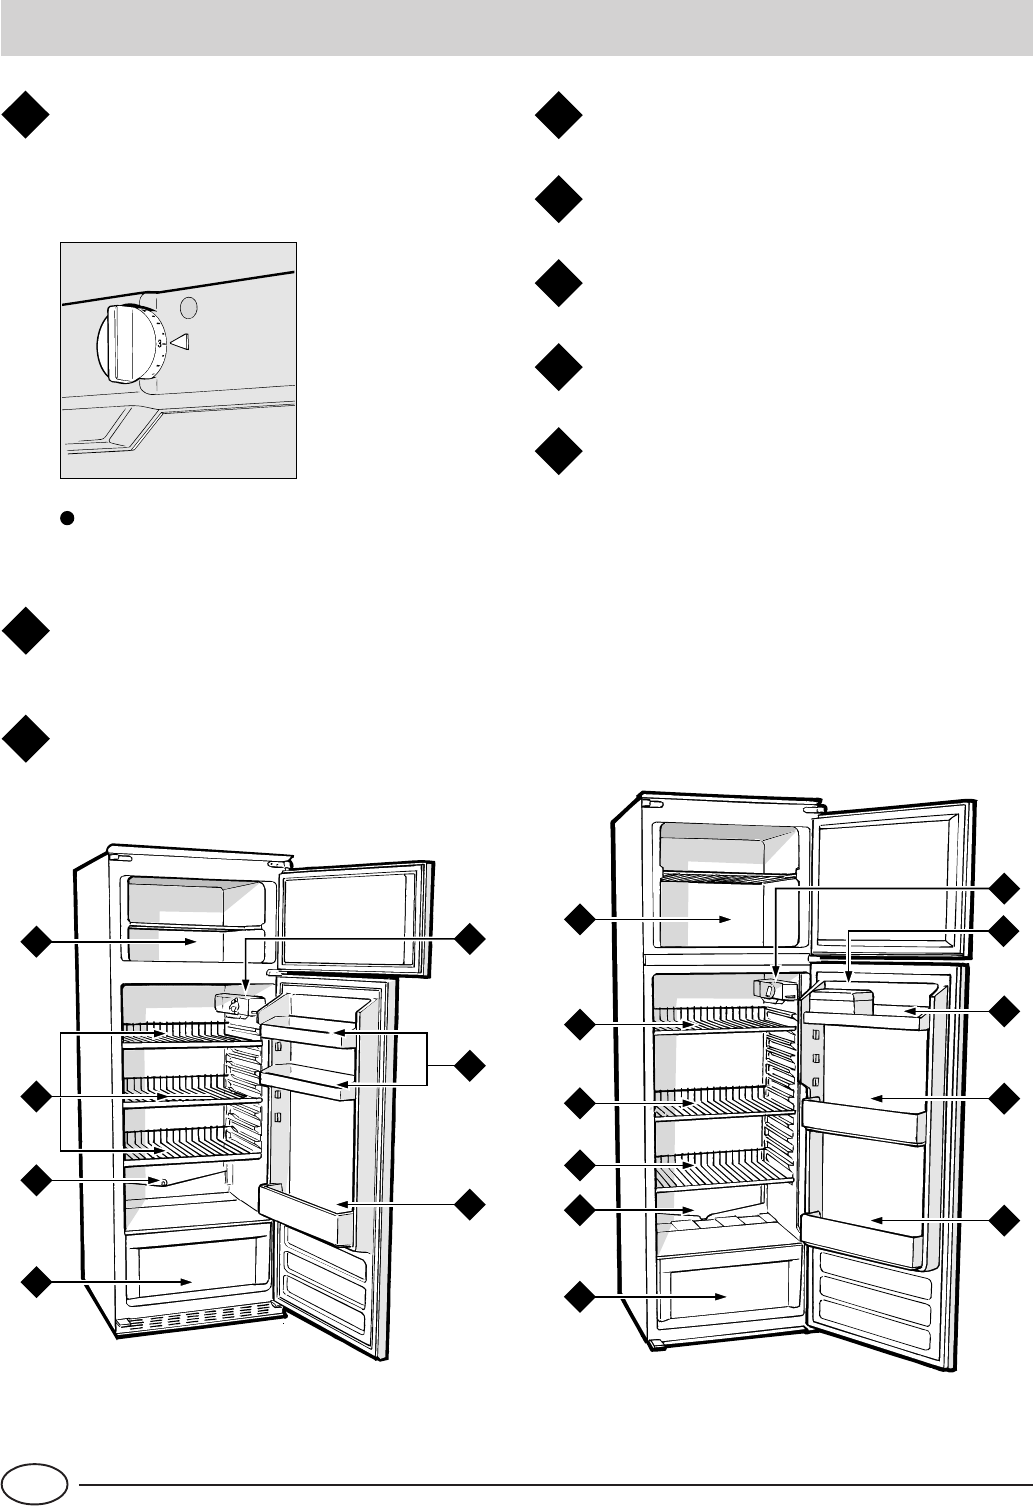 indesit k hlschrank gd 230 l thomas s chichester blog. Black Bedroom Furniture Sets. Home Design Ideas